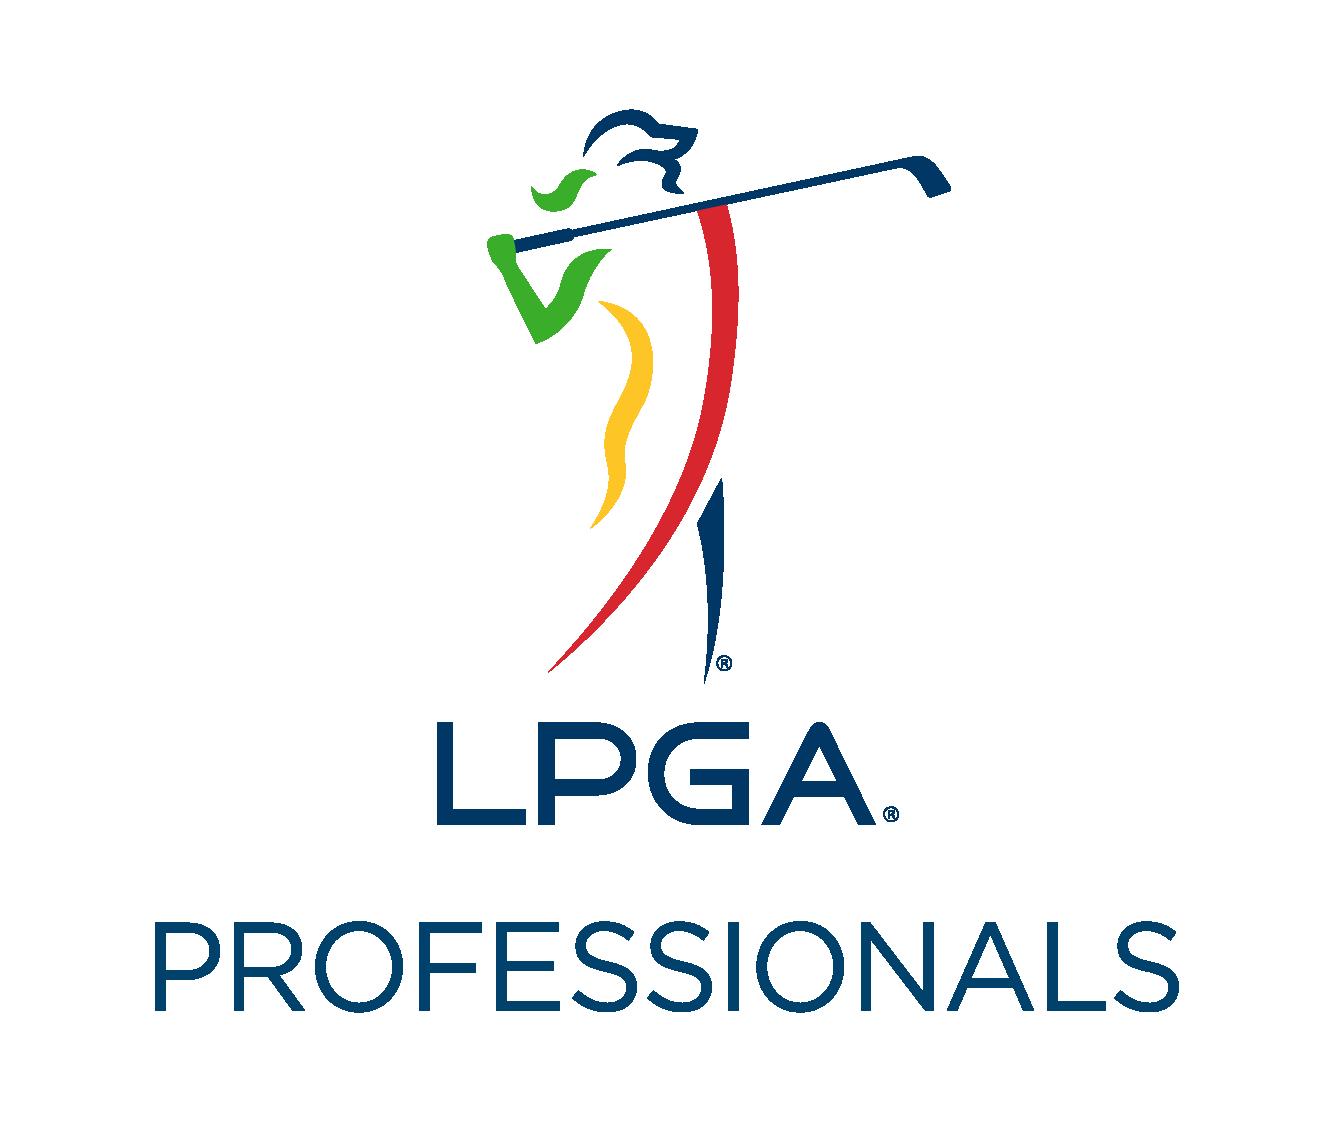 LPGA Professionals